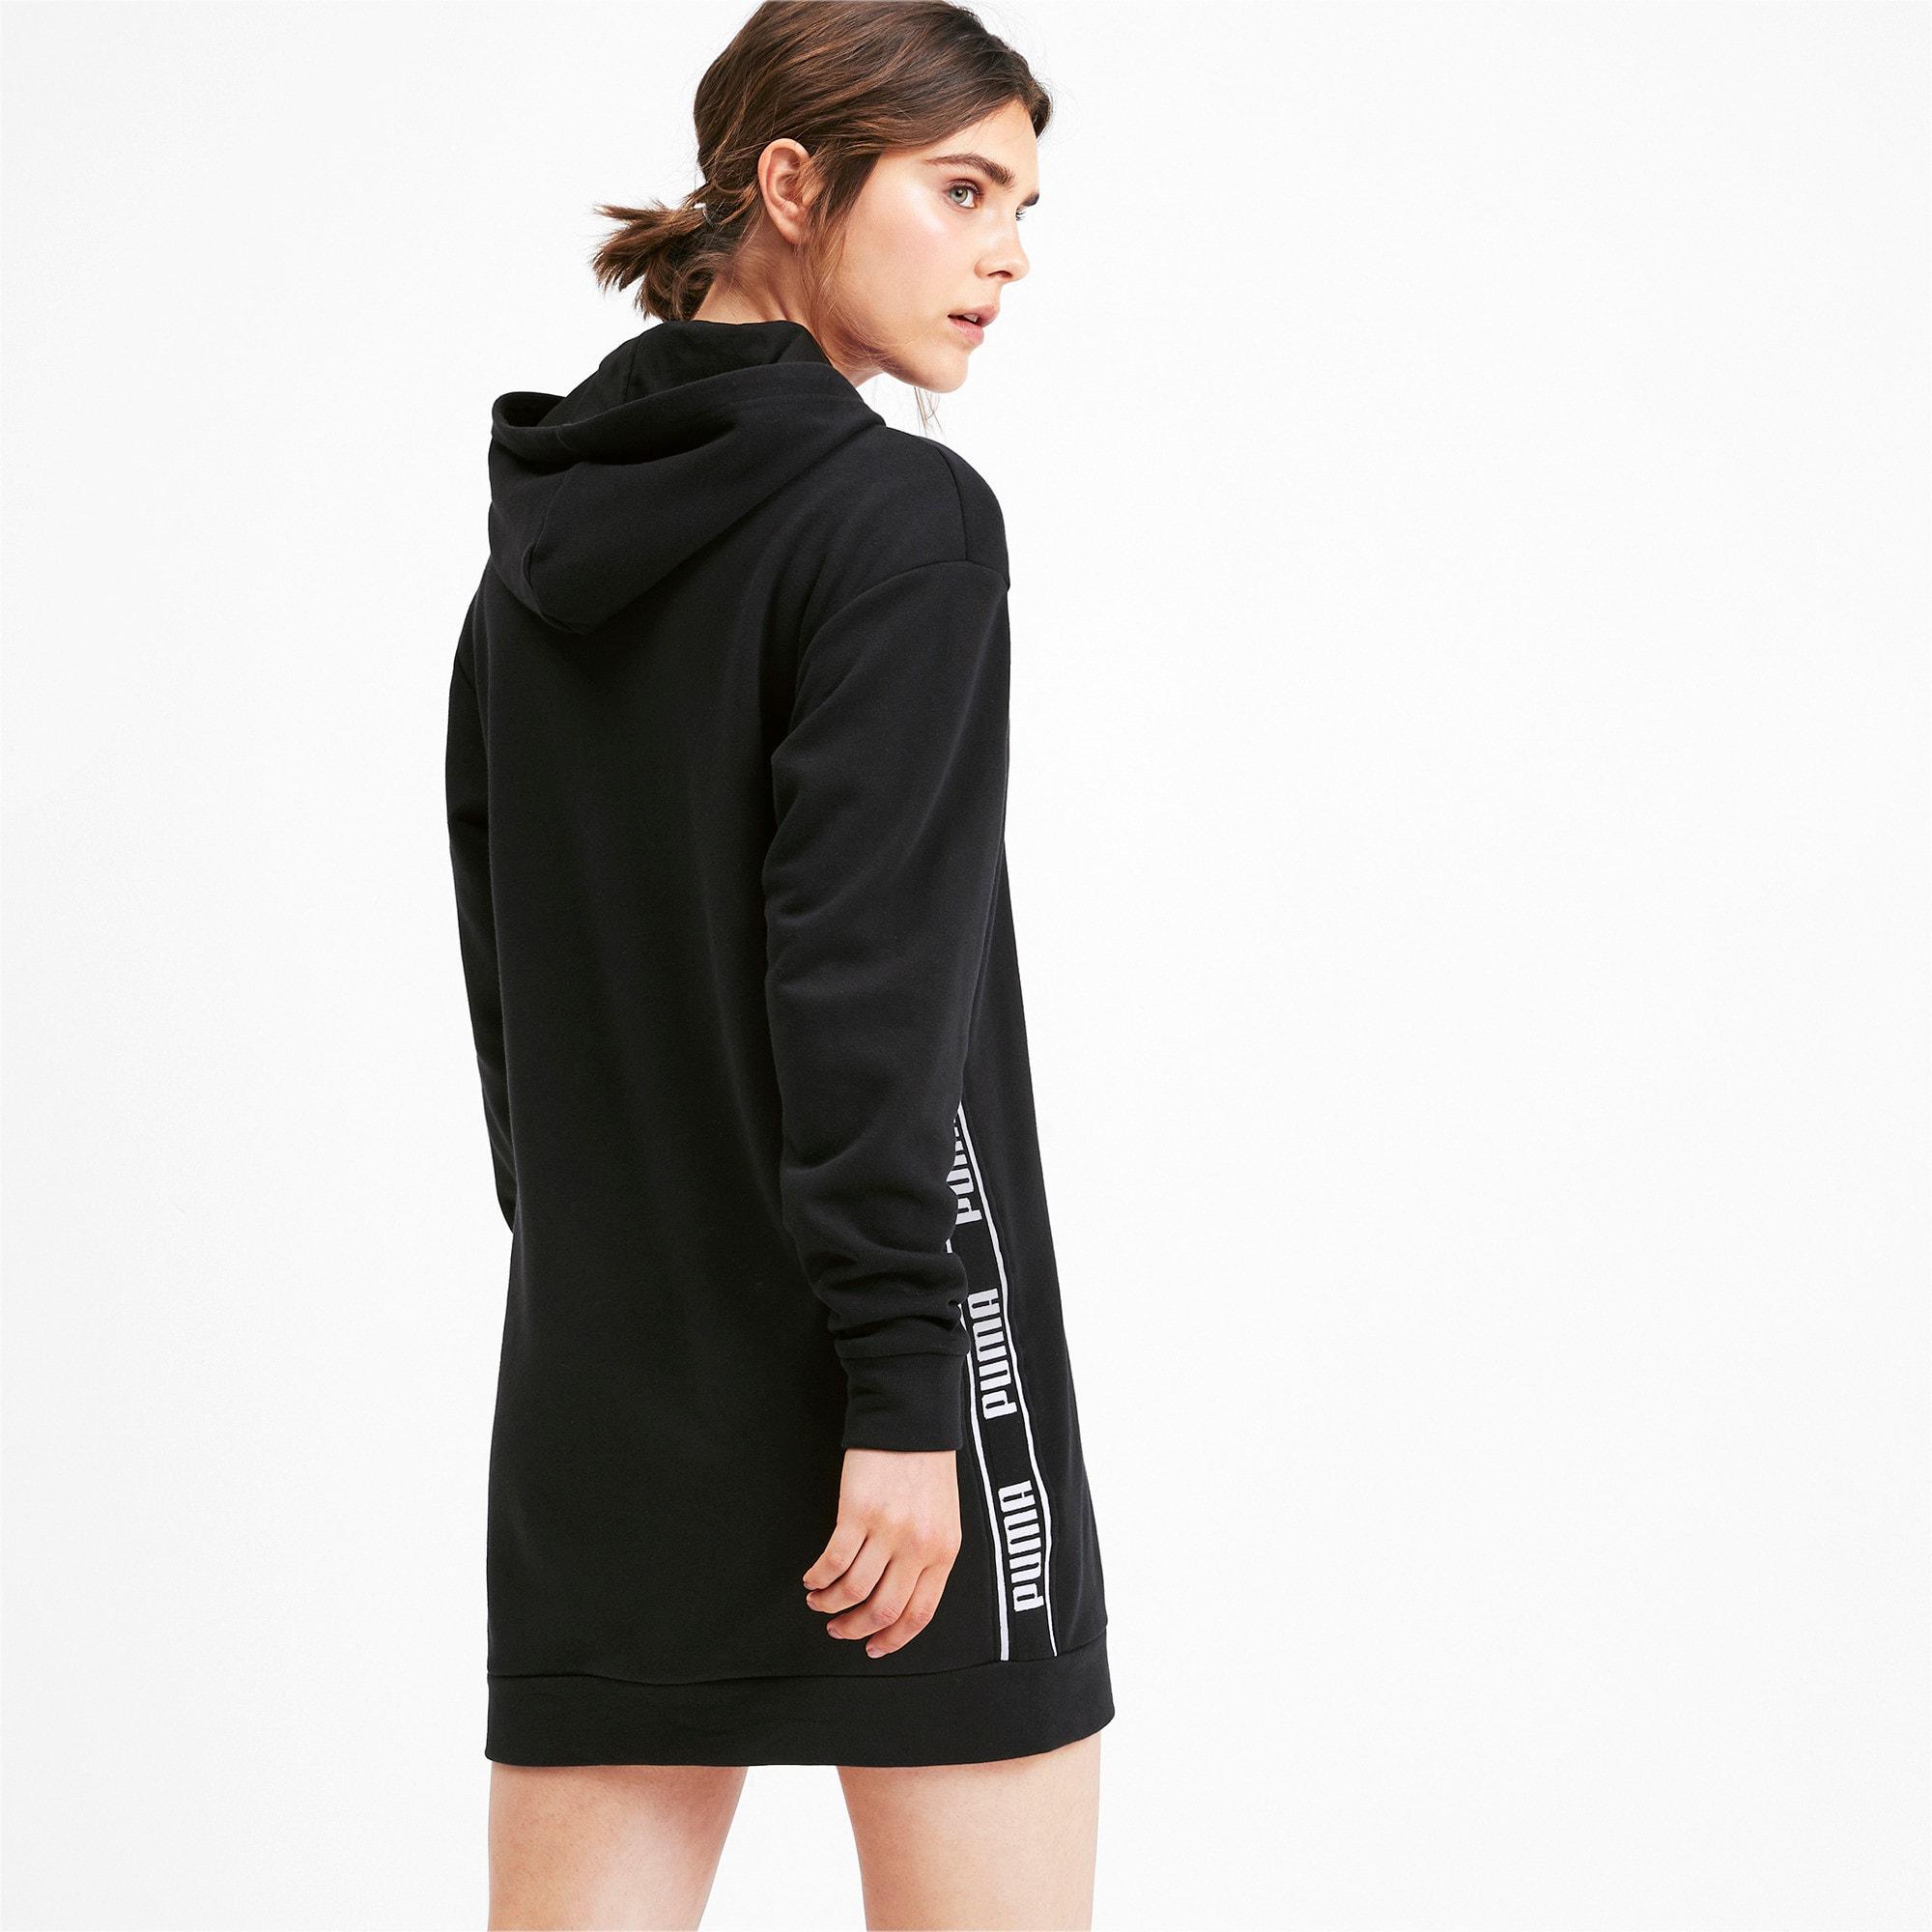 Miniatura 3 de Vestido Amplified para mujer, Puma Black, mediano